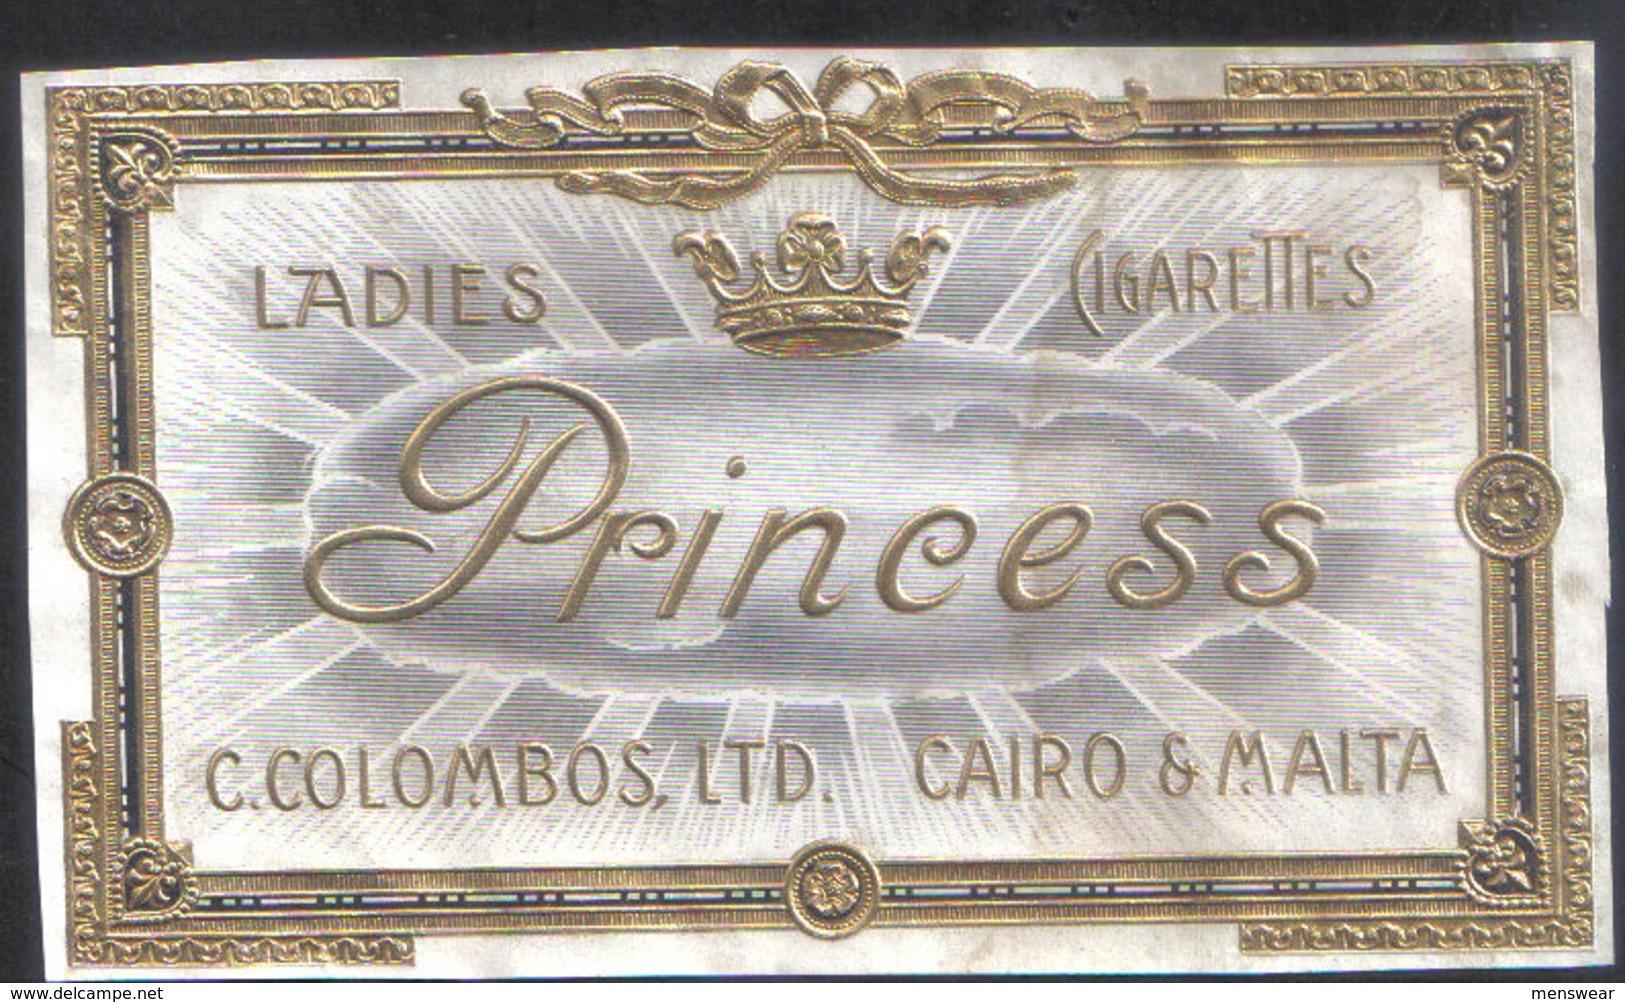 PRINCESS LADIES CIGARETTES FROM MALTA  - 1920 VERY RARE - - Empty Cigarettes Boxes